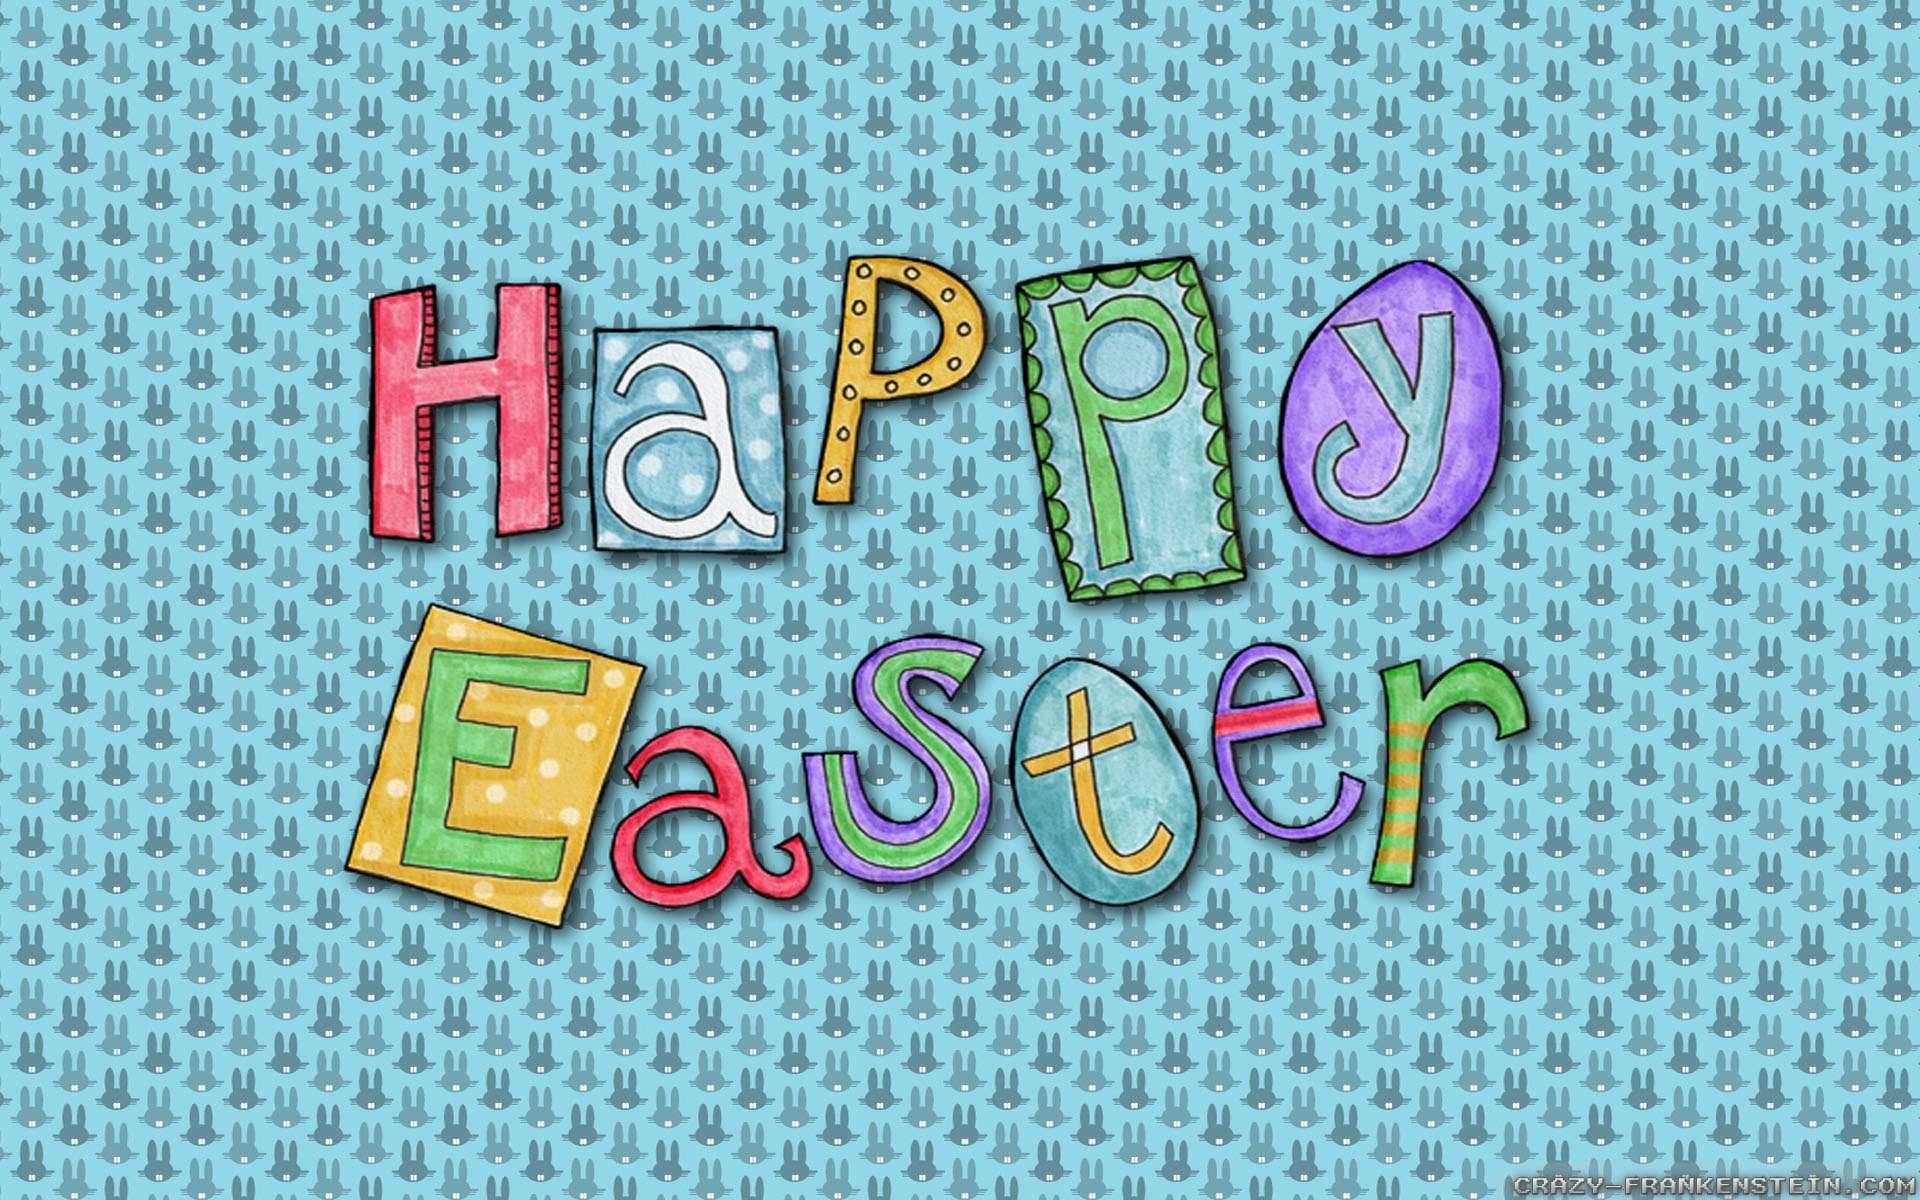 Happy Easter Wallpaper camaxidcom 1920x1200